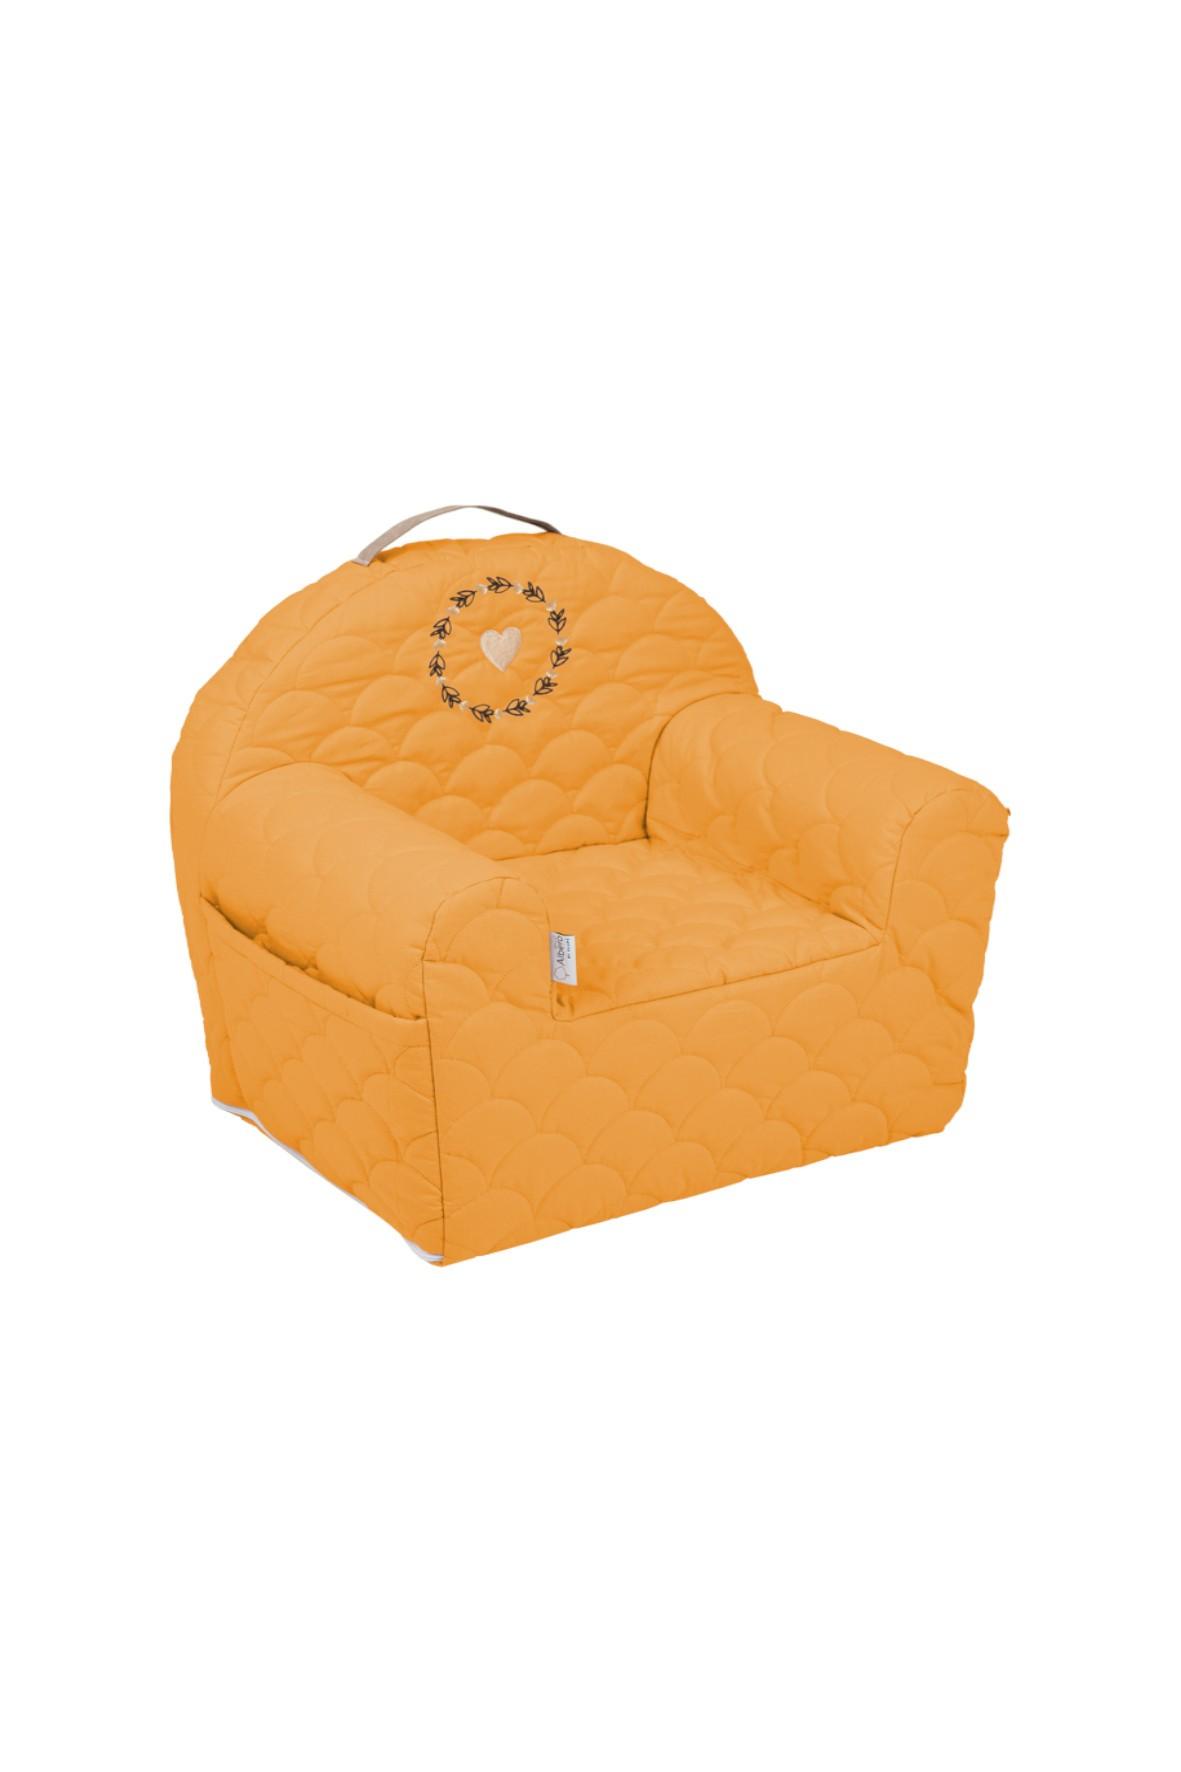 Bawełniany fotelik piankowy w kolorze musztardowym - 50x35x45 cm